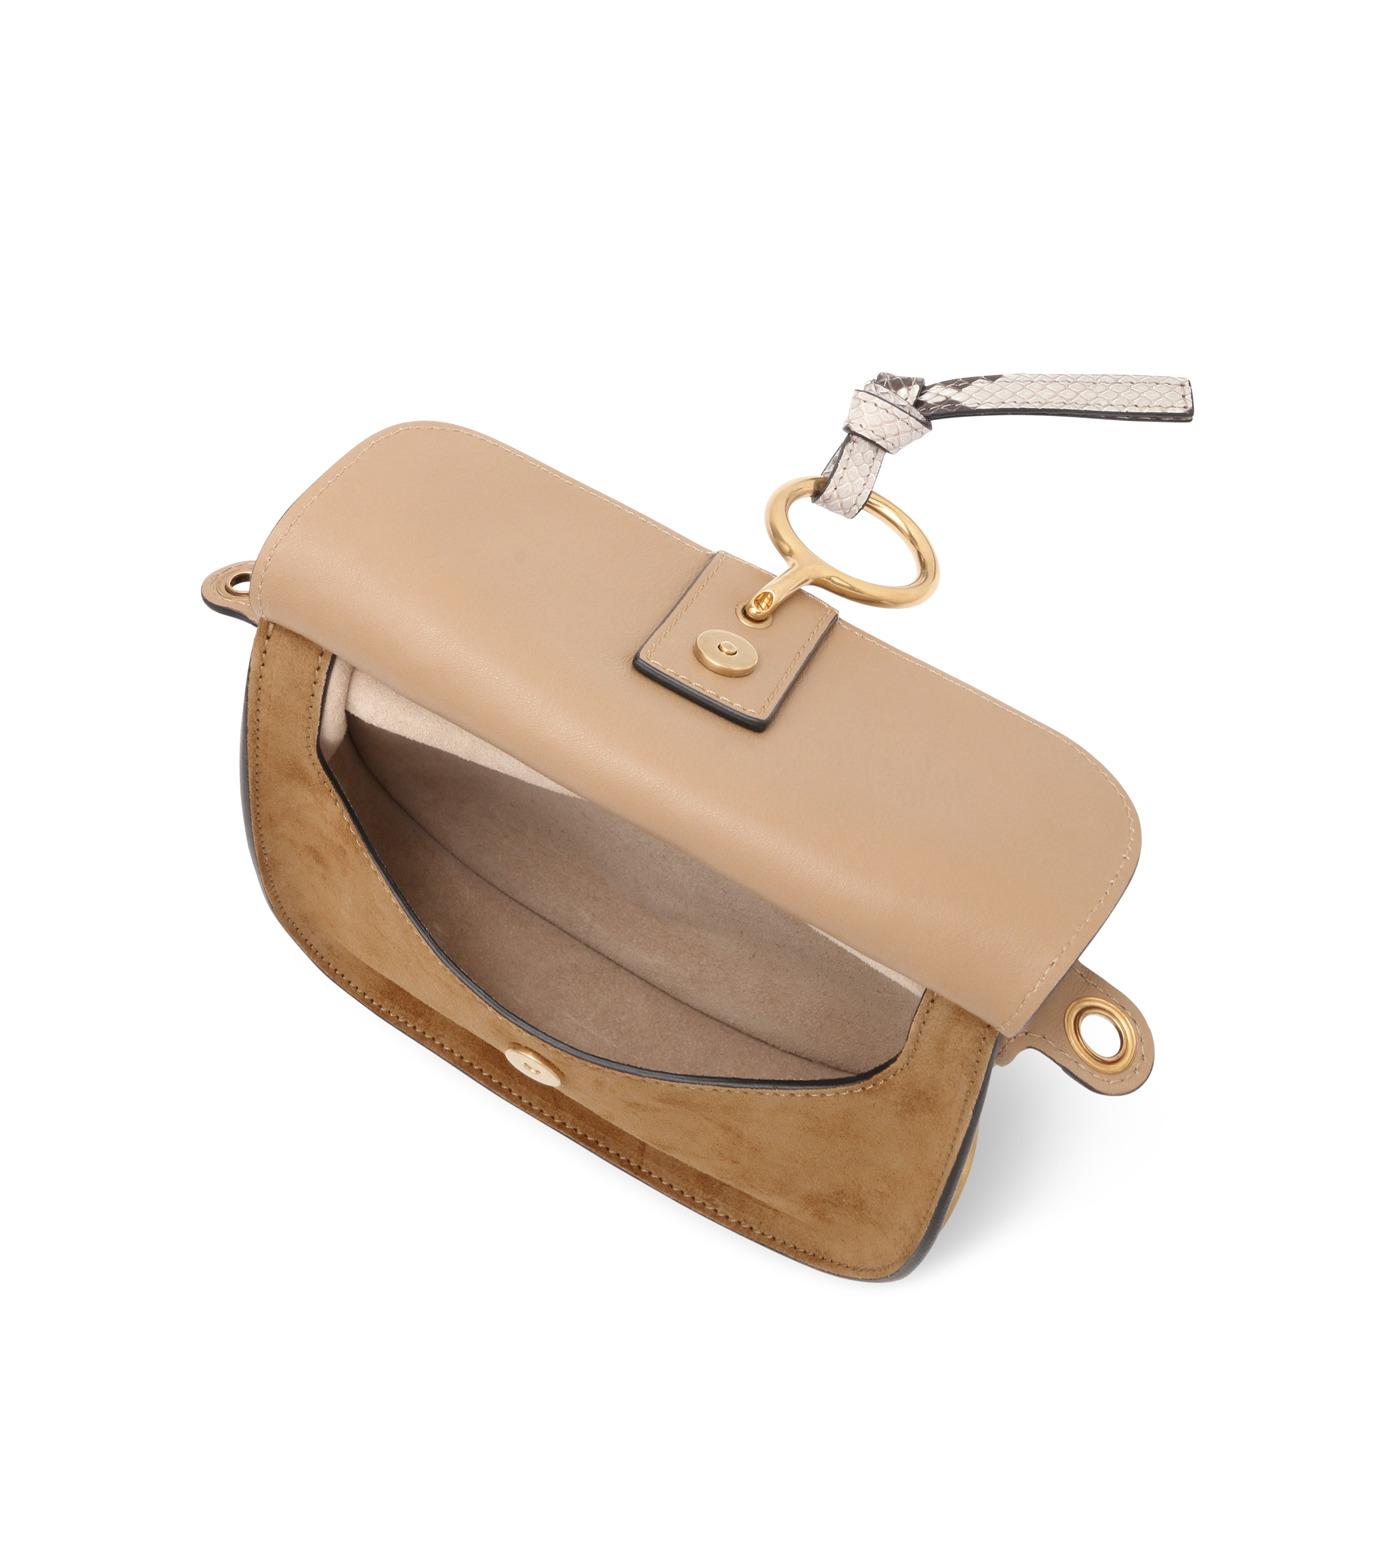 Chloe(クロエ)のKurtis Python Shoulder Bag-BEIGE(ショルダーバッグ/shoulder bag)-S239H8VB-52 拡大詳細画像4